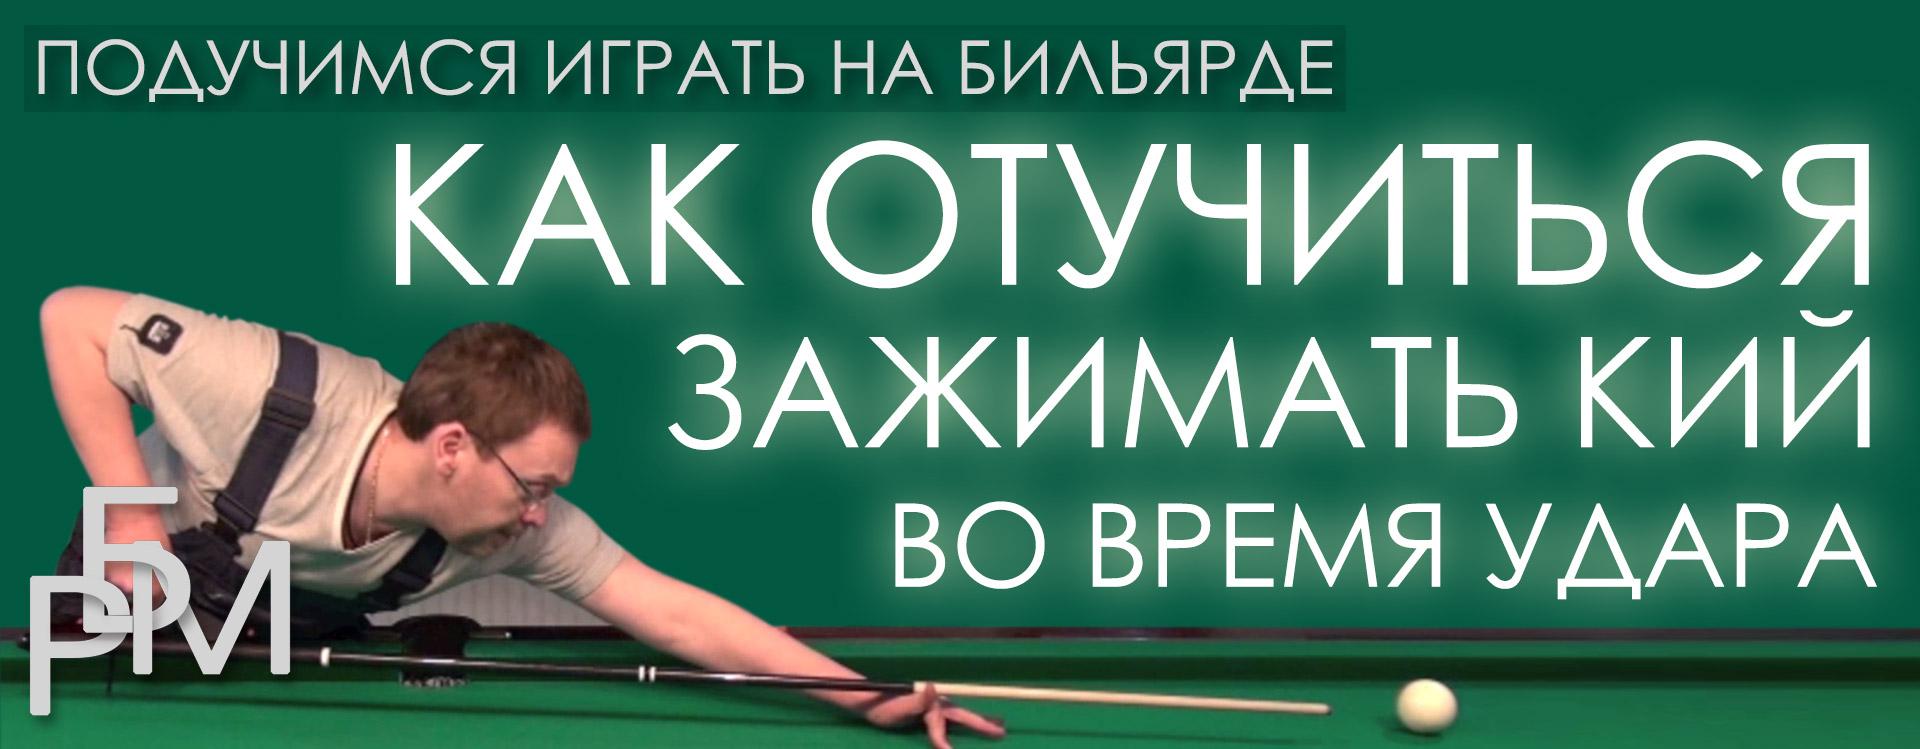 Подучимся играть на бильярде - Как отучиться зажимать кий во время удара